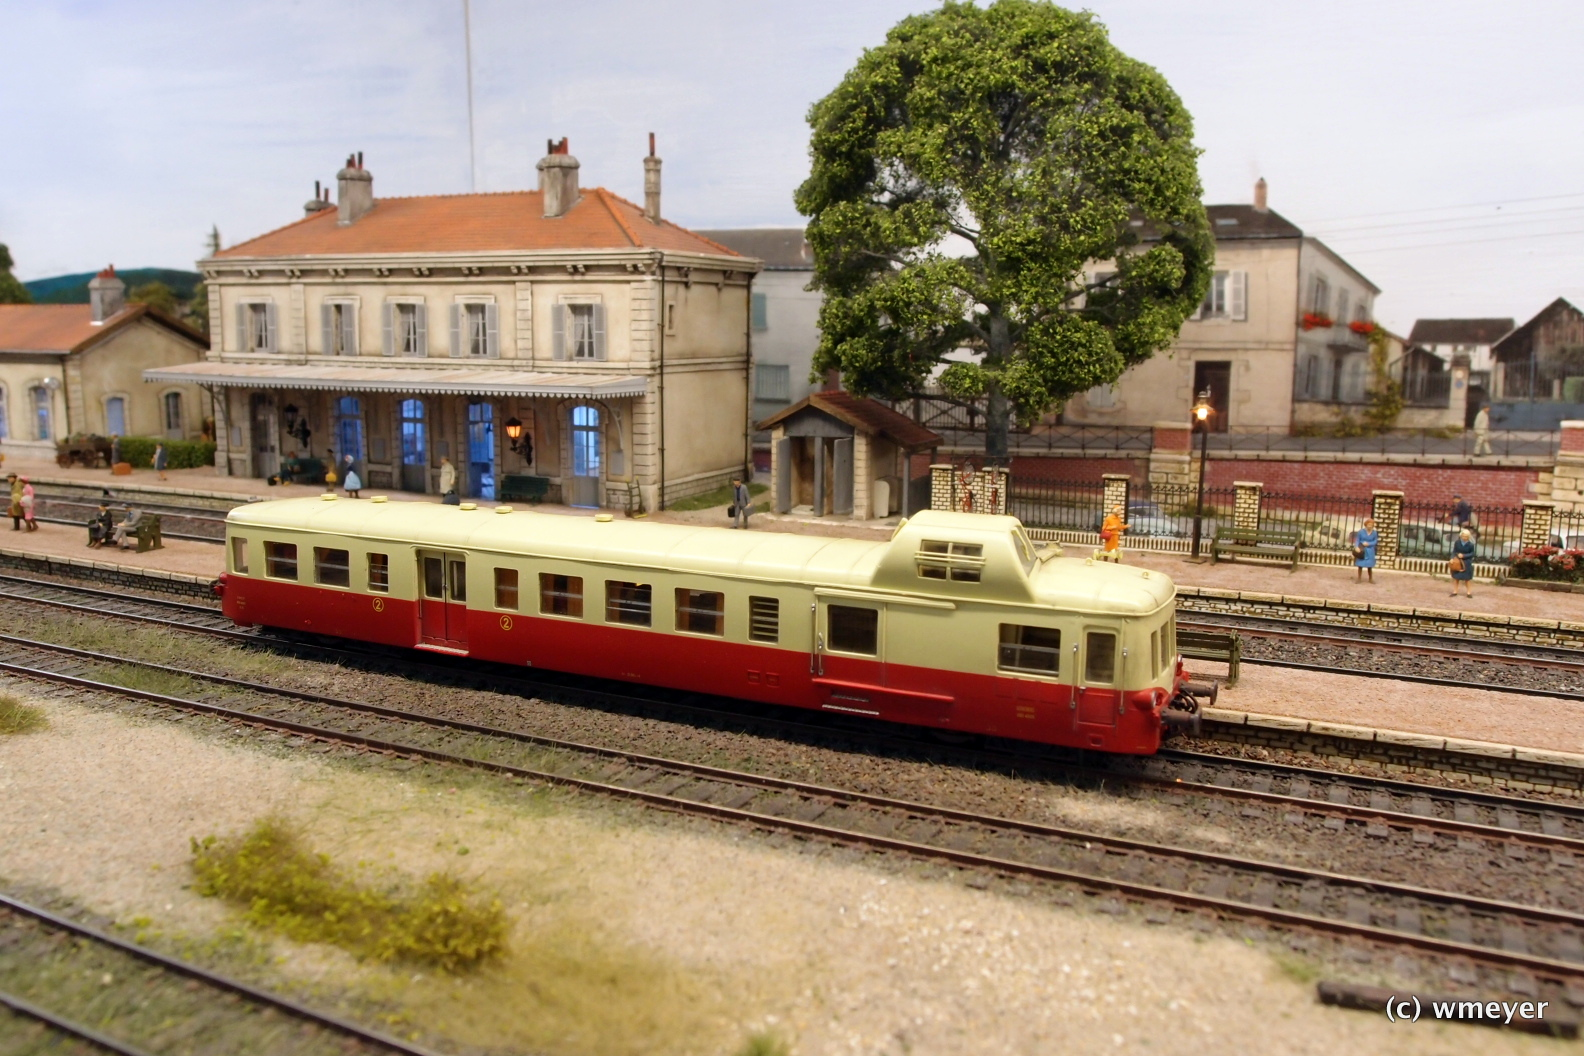 Mein Favorit aus Frankreich, excellenter und sehr detaillierter Modellbau